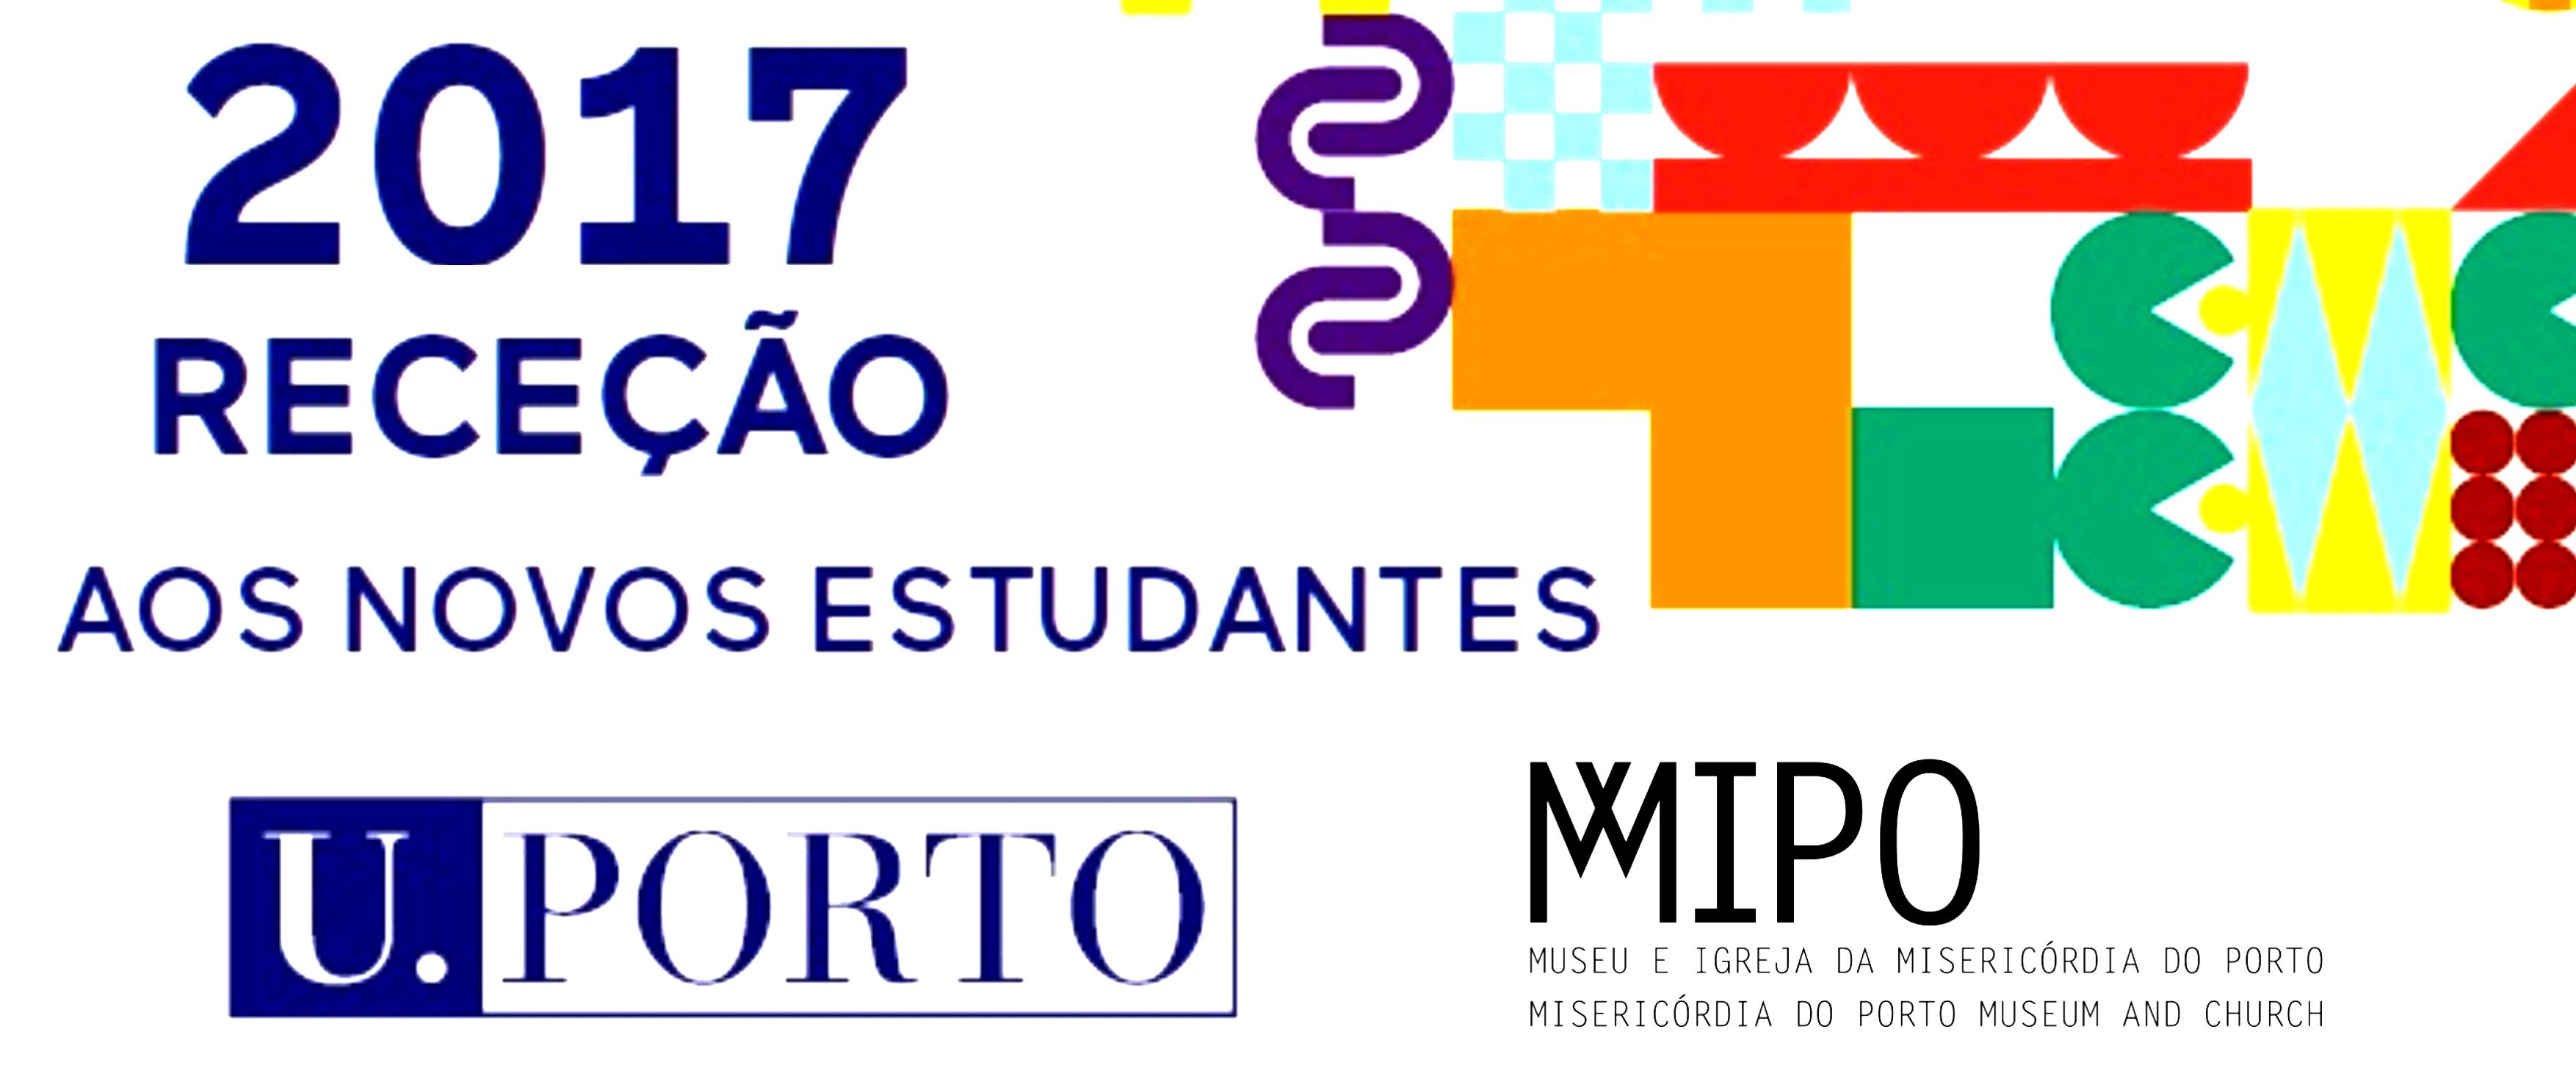 https://www.scmp.pt/assets/misc/2017/rececao%20estudantes/rececaoestudantes.png